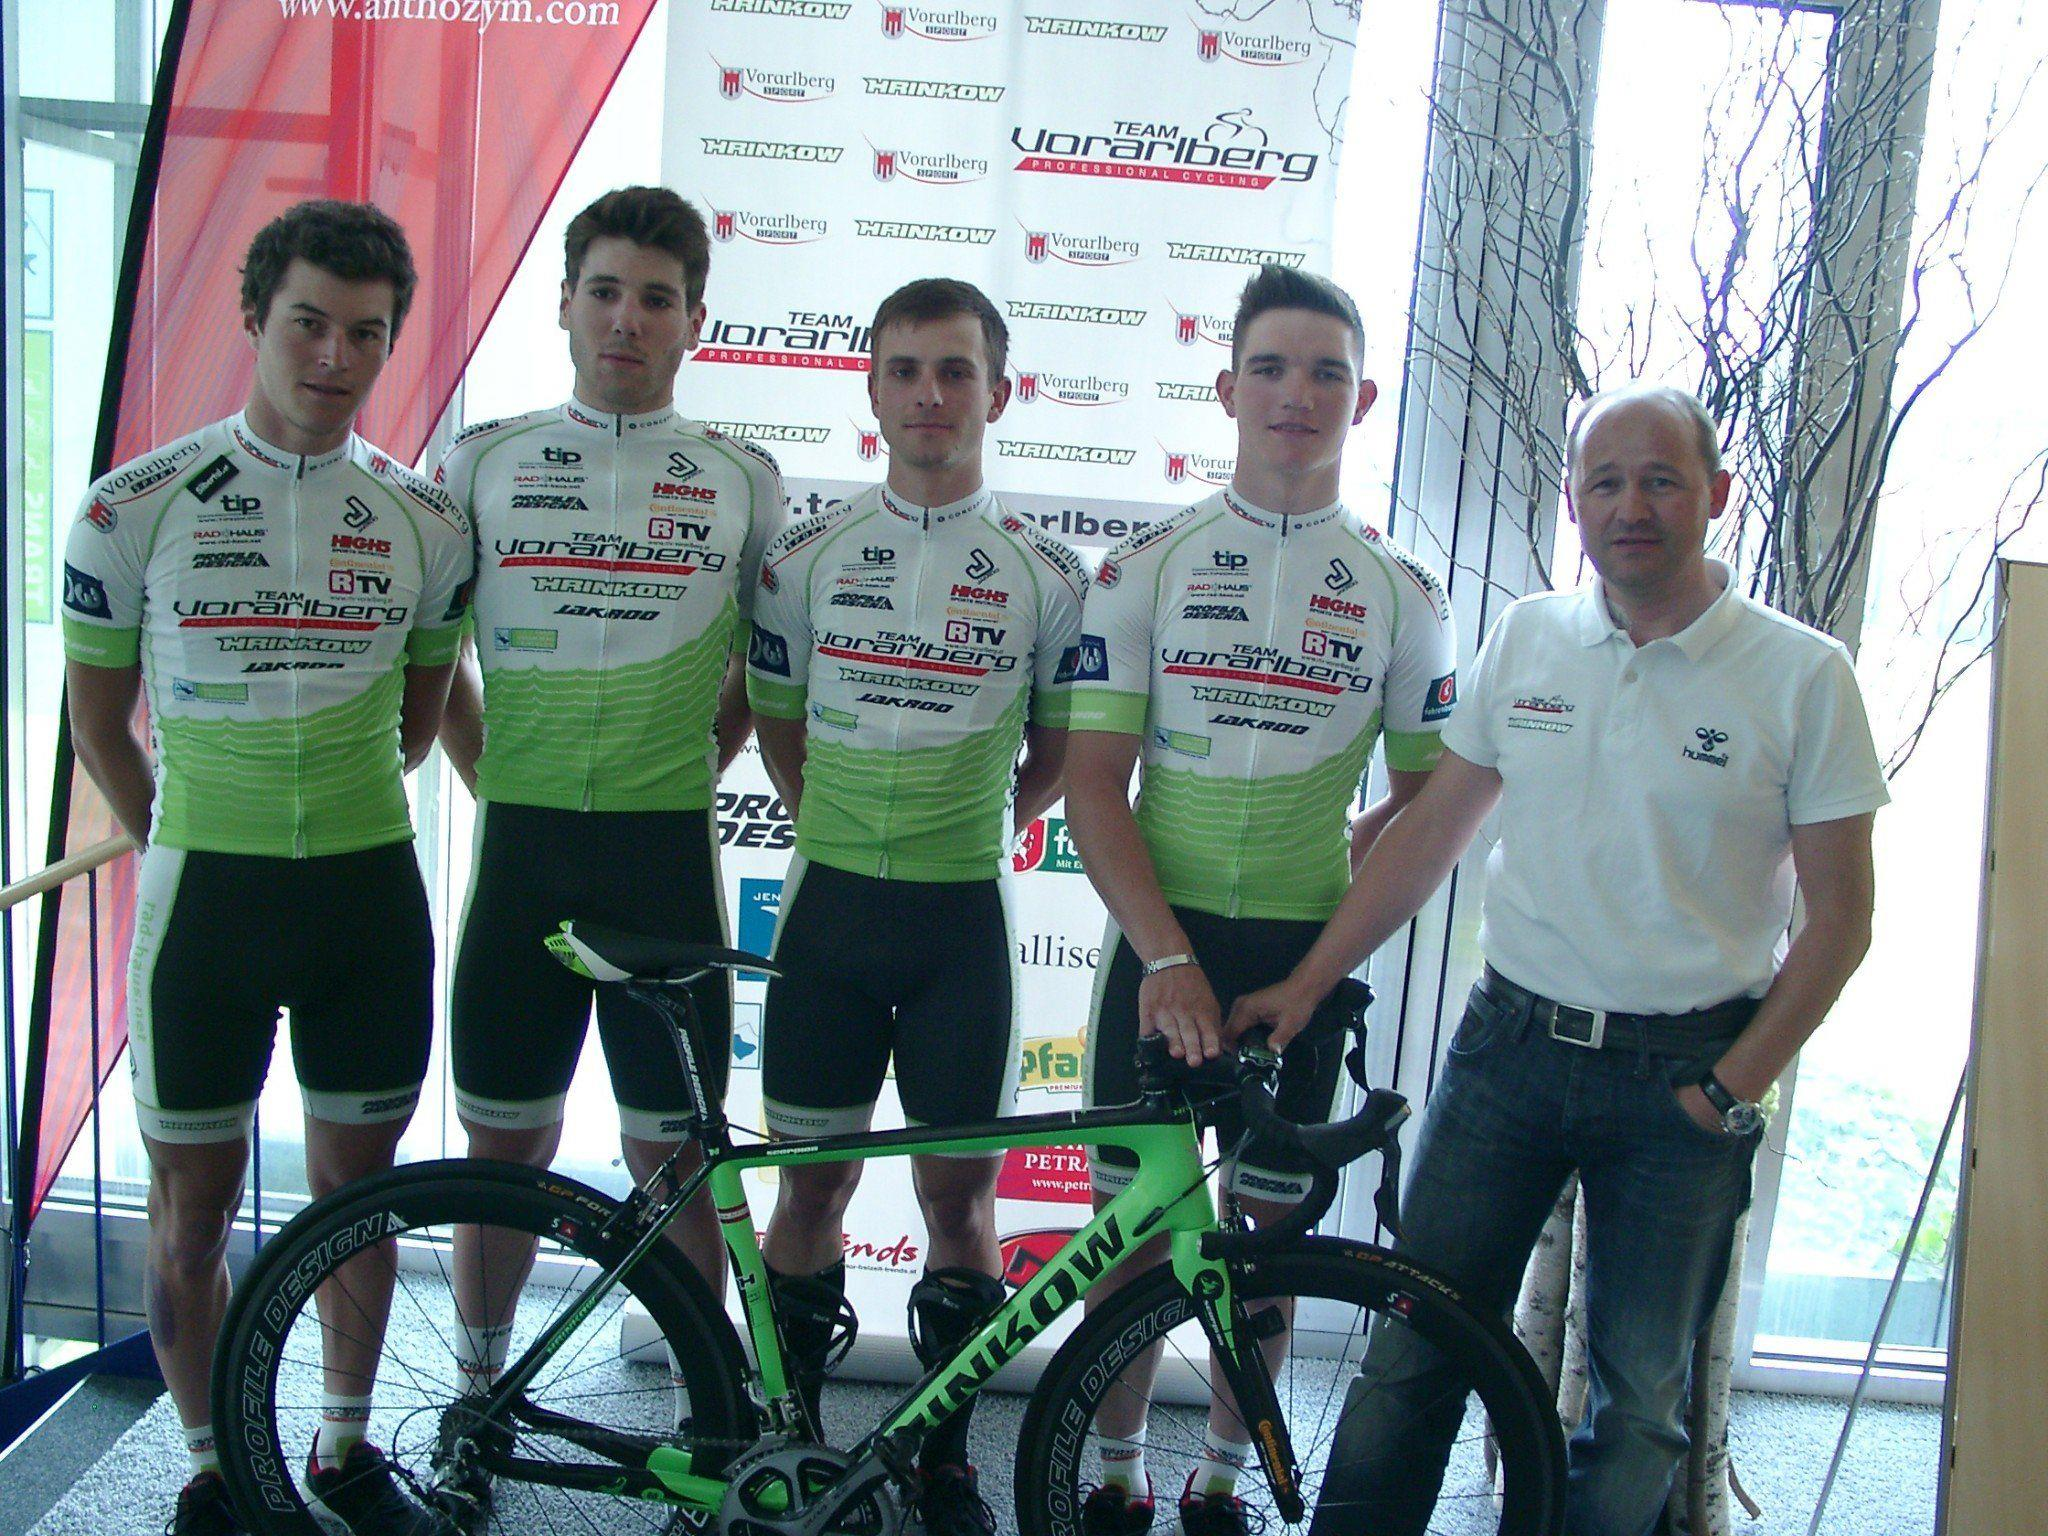 Die vier Vorarlberger Profiradsportler mit Teammanager Tom Kofler brauchen endlich ein Erfolgserlebnis.